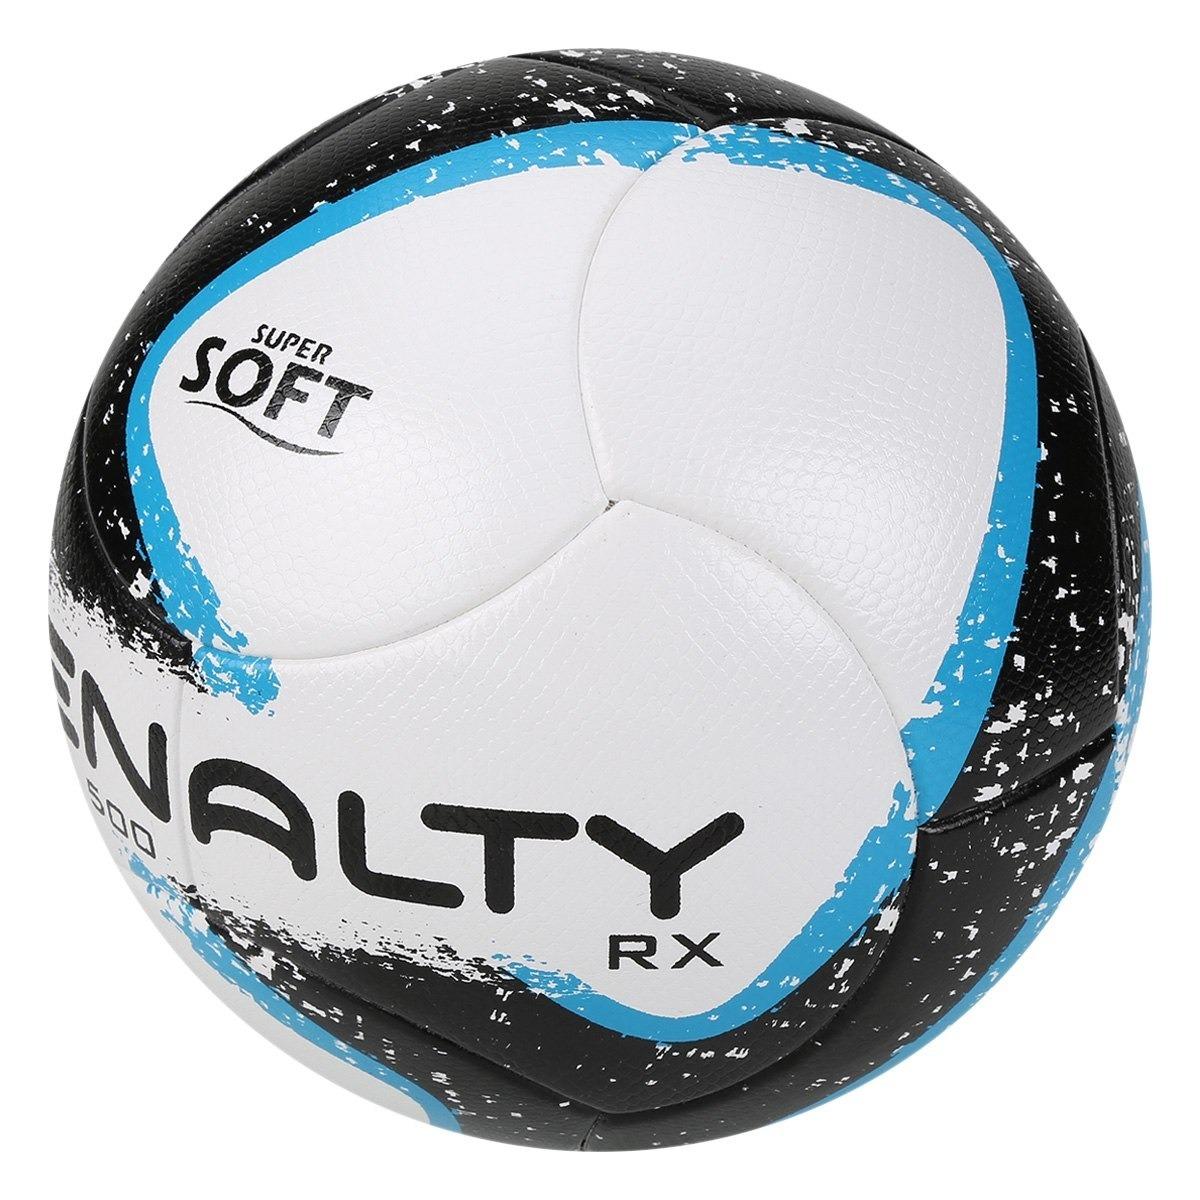 9afb333674 Bola Futsal Penalty Rx 500 R1 Ultra Fusion - R  120